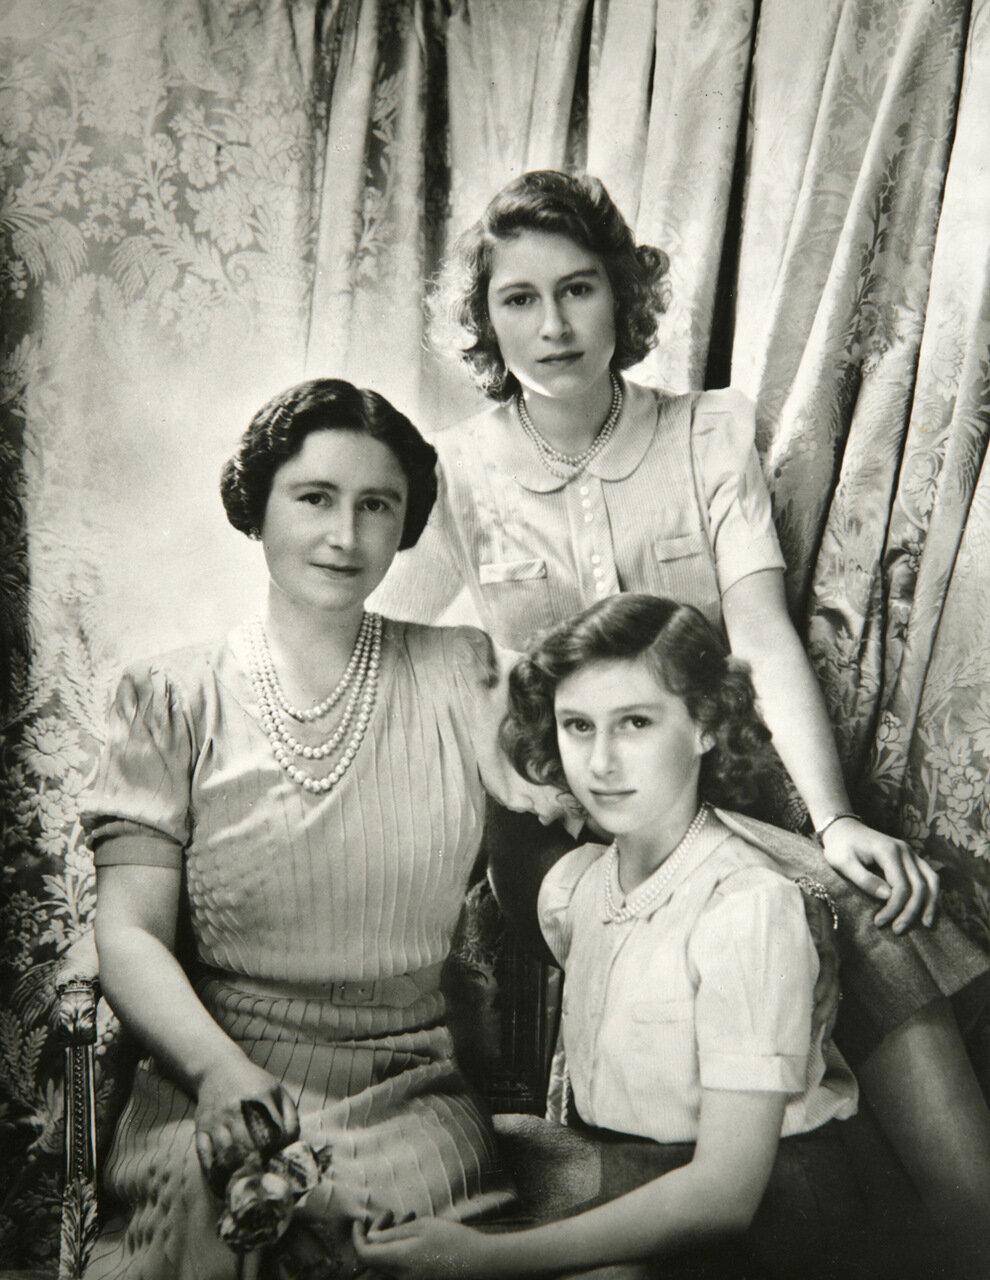 Принцесса Елизавета и принцесса Маргарет. окт 1942 г.